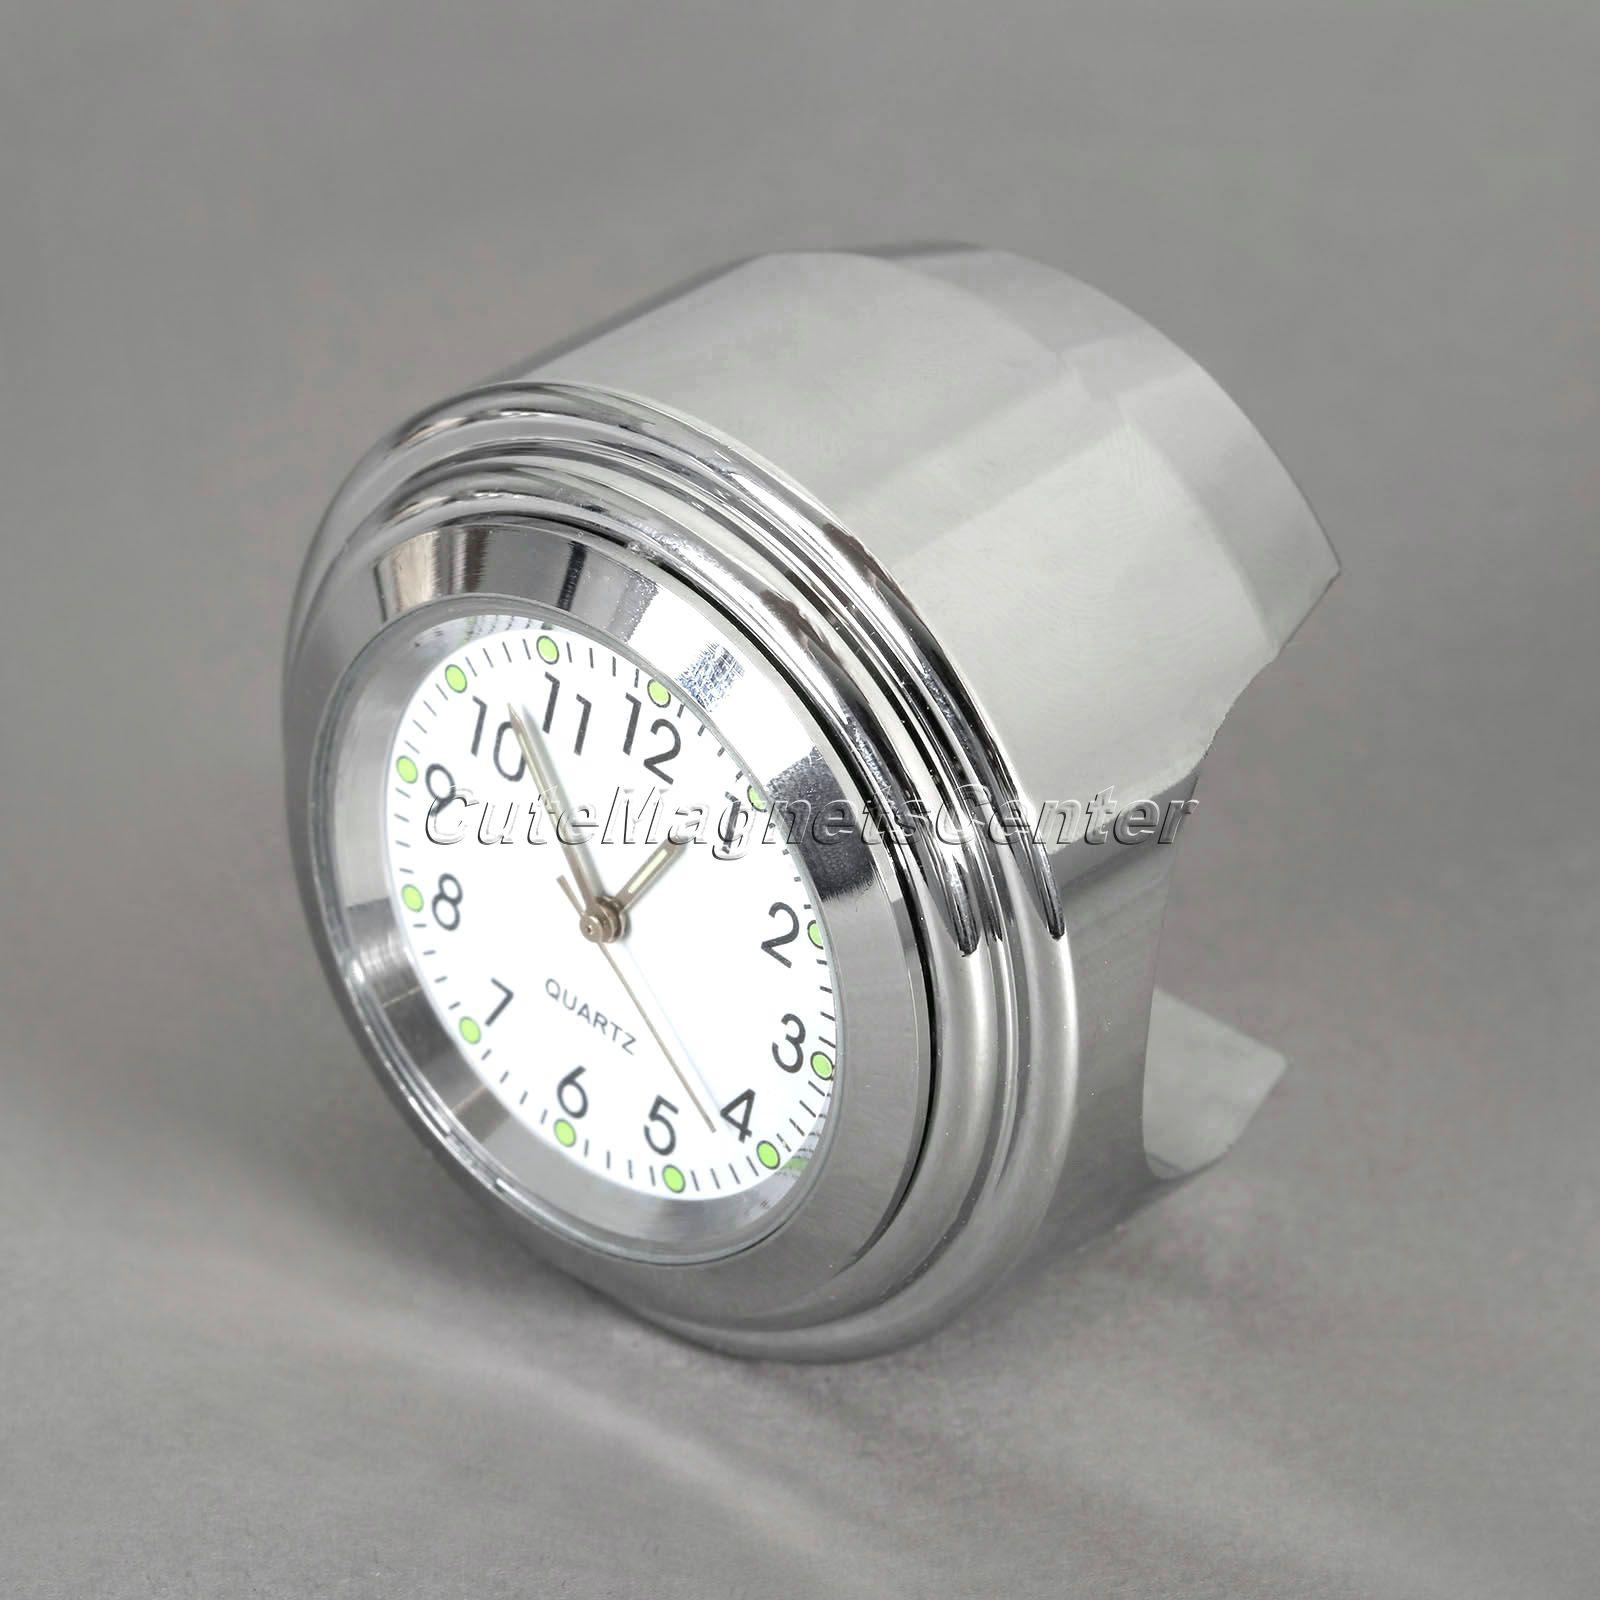 7/8 1 дюймов Водонепроницаемый Двигатель цикл Руль управления для мотоциклов Крепление Циферблат часы Универсальный для Harley Honda KTM термомет...